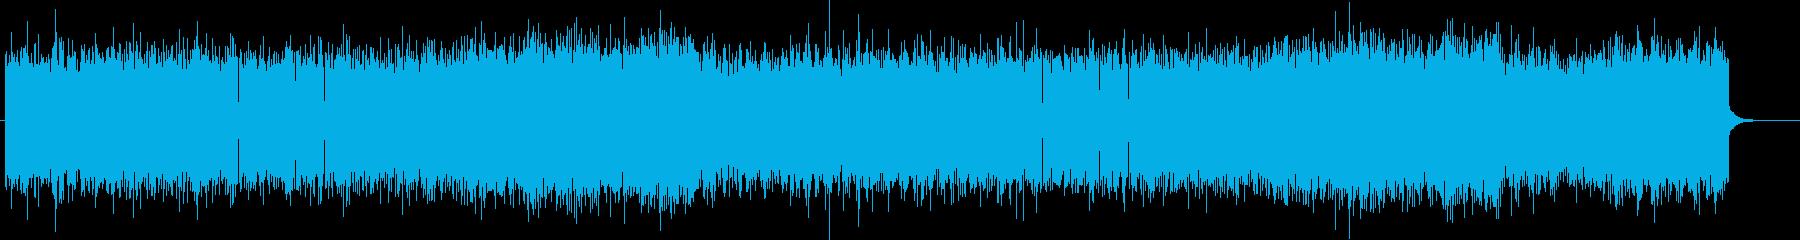 ハードロック・DARKPOWER 299の再生済みの波形